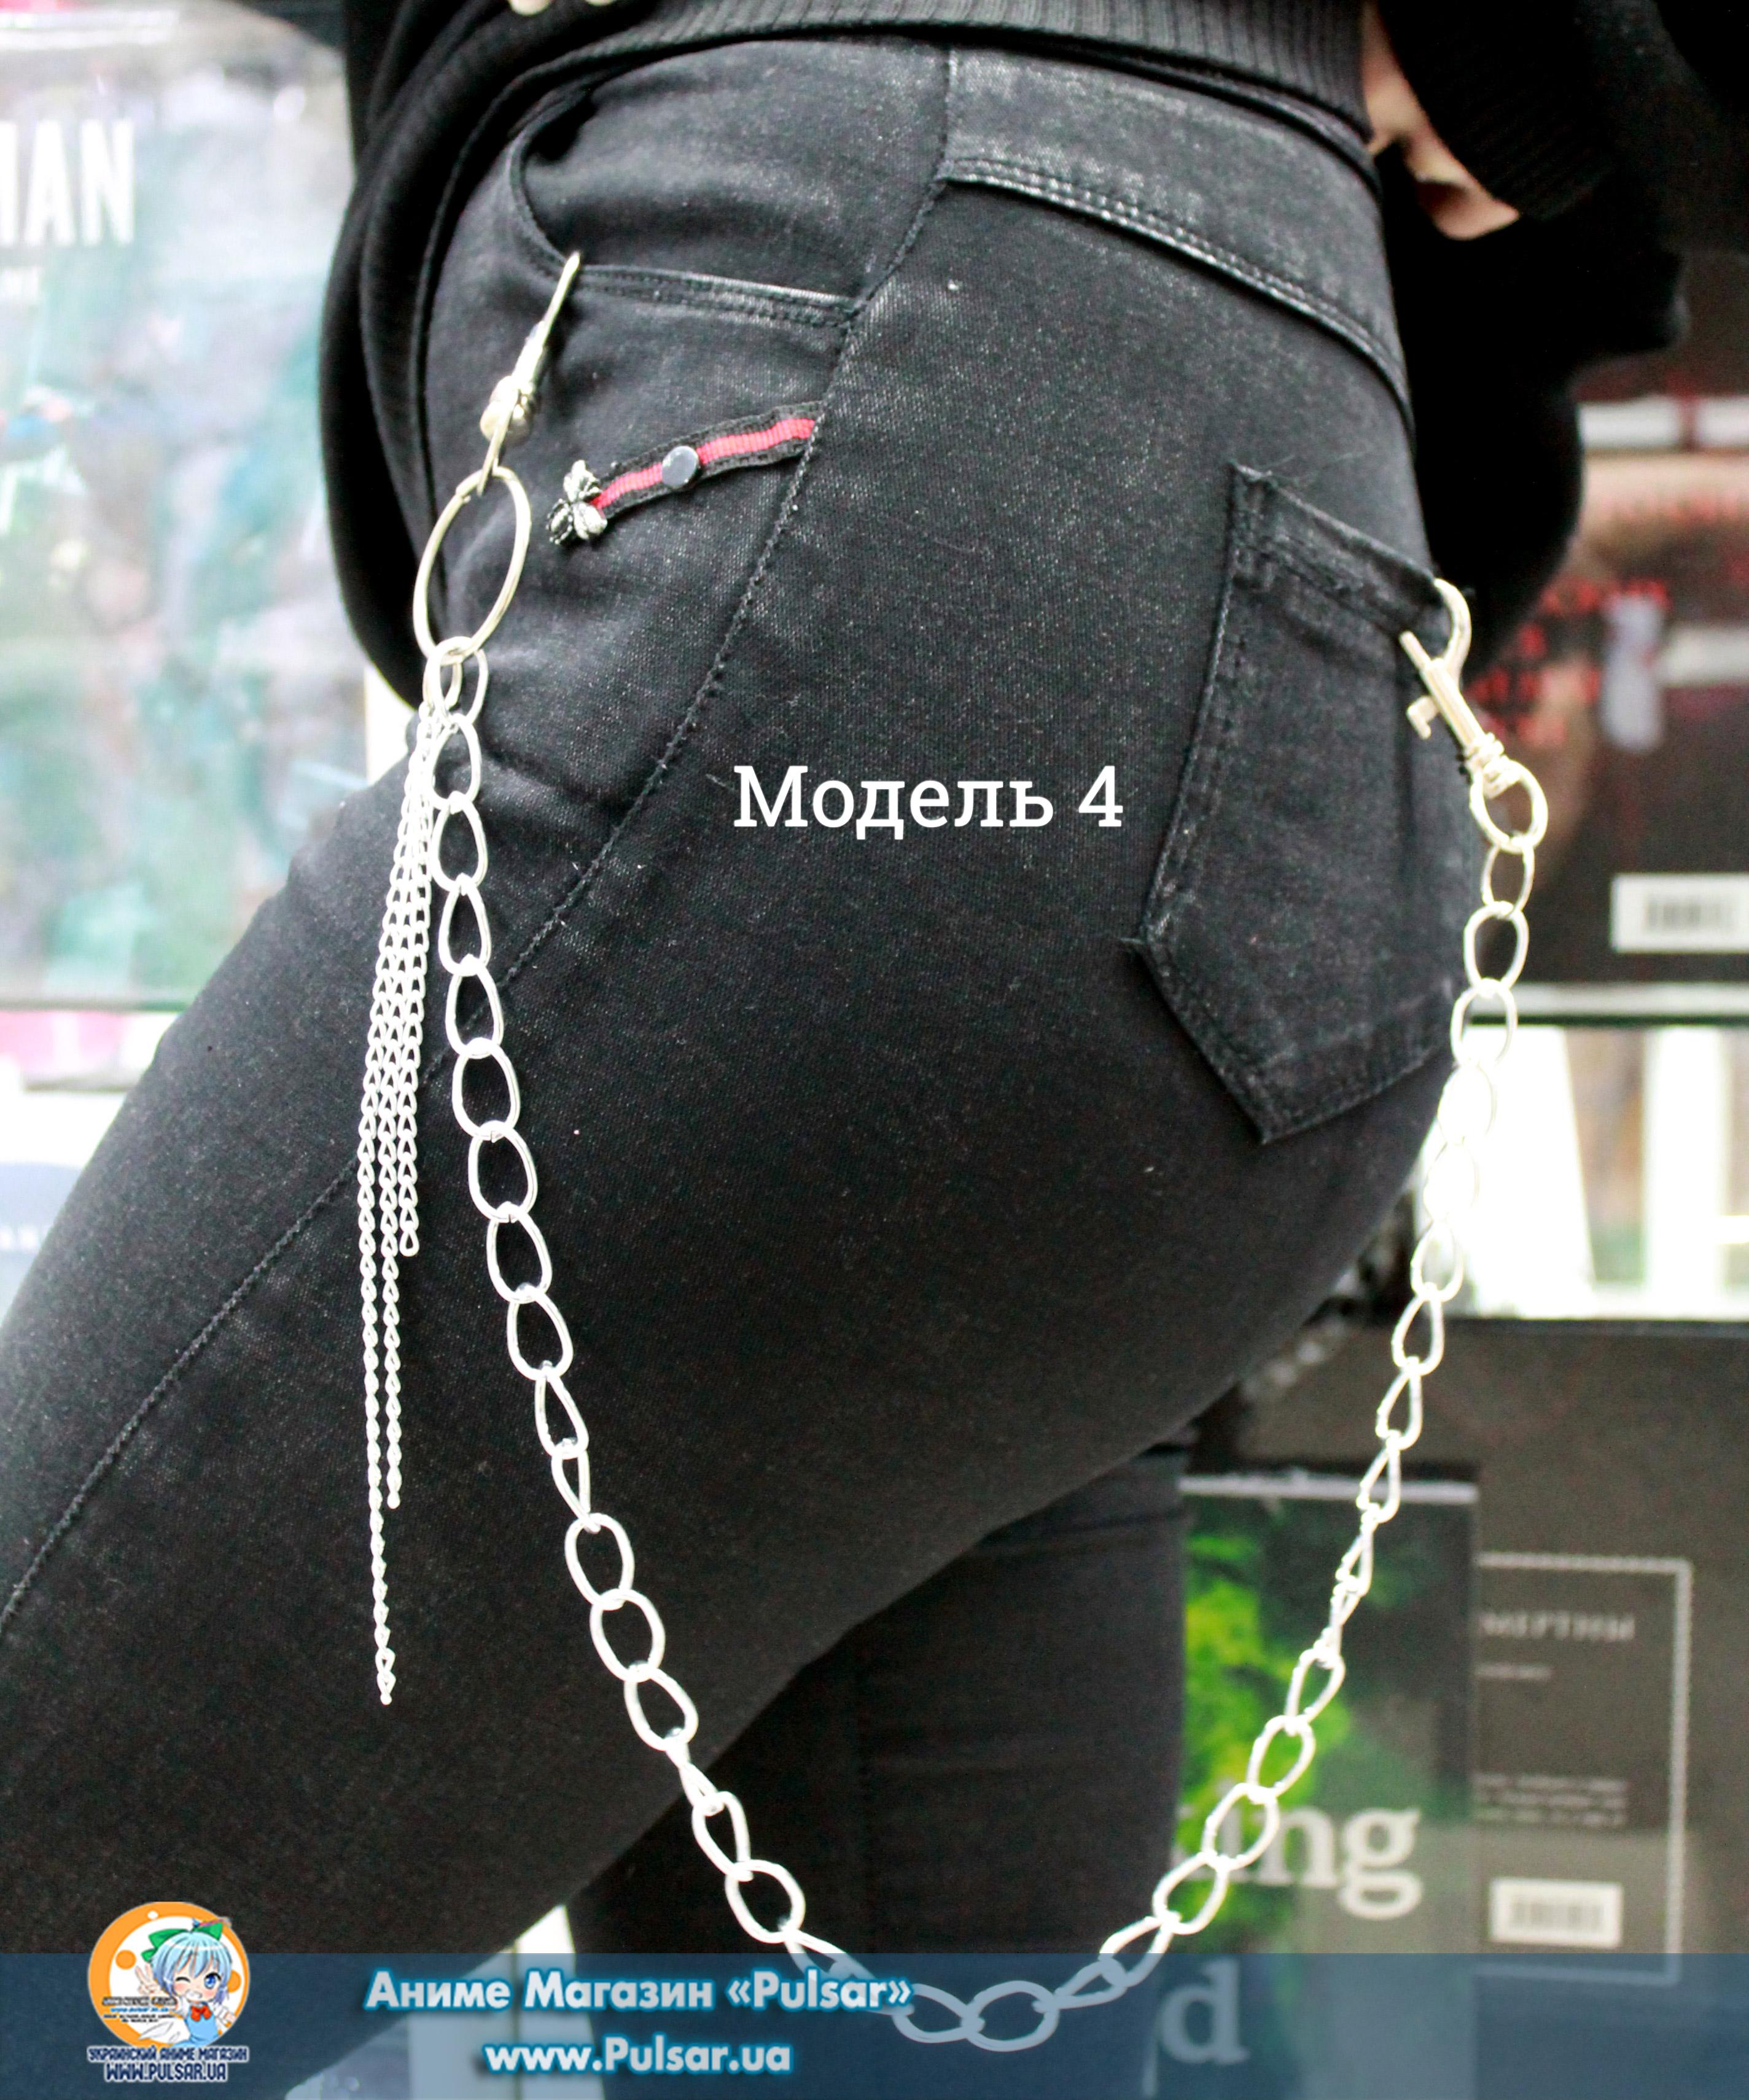 Цепь на штаны тесьма репсовая с жаккардовой надписью